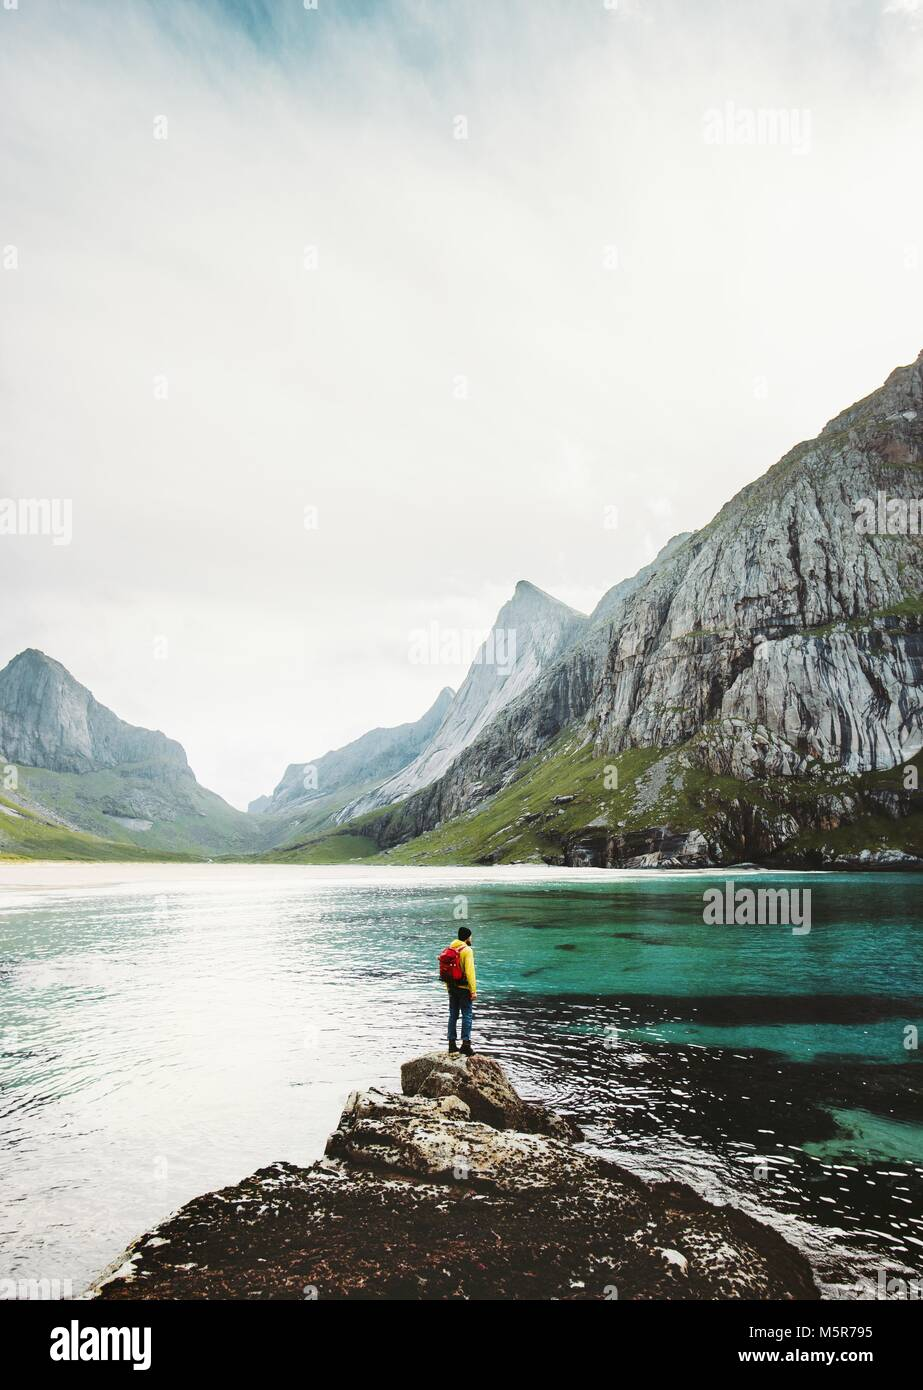 Hombre de pie solo mochilero de piedra en el mar de Noruega Viajes concepto emocional aventura de supervivencia Imagen De Stock